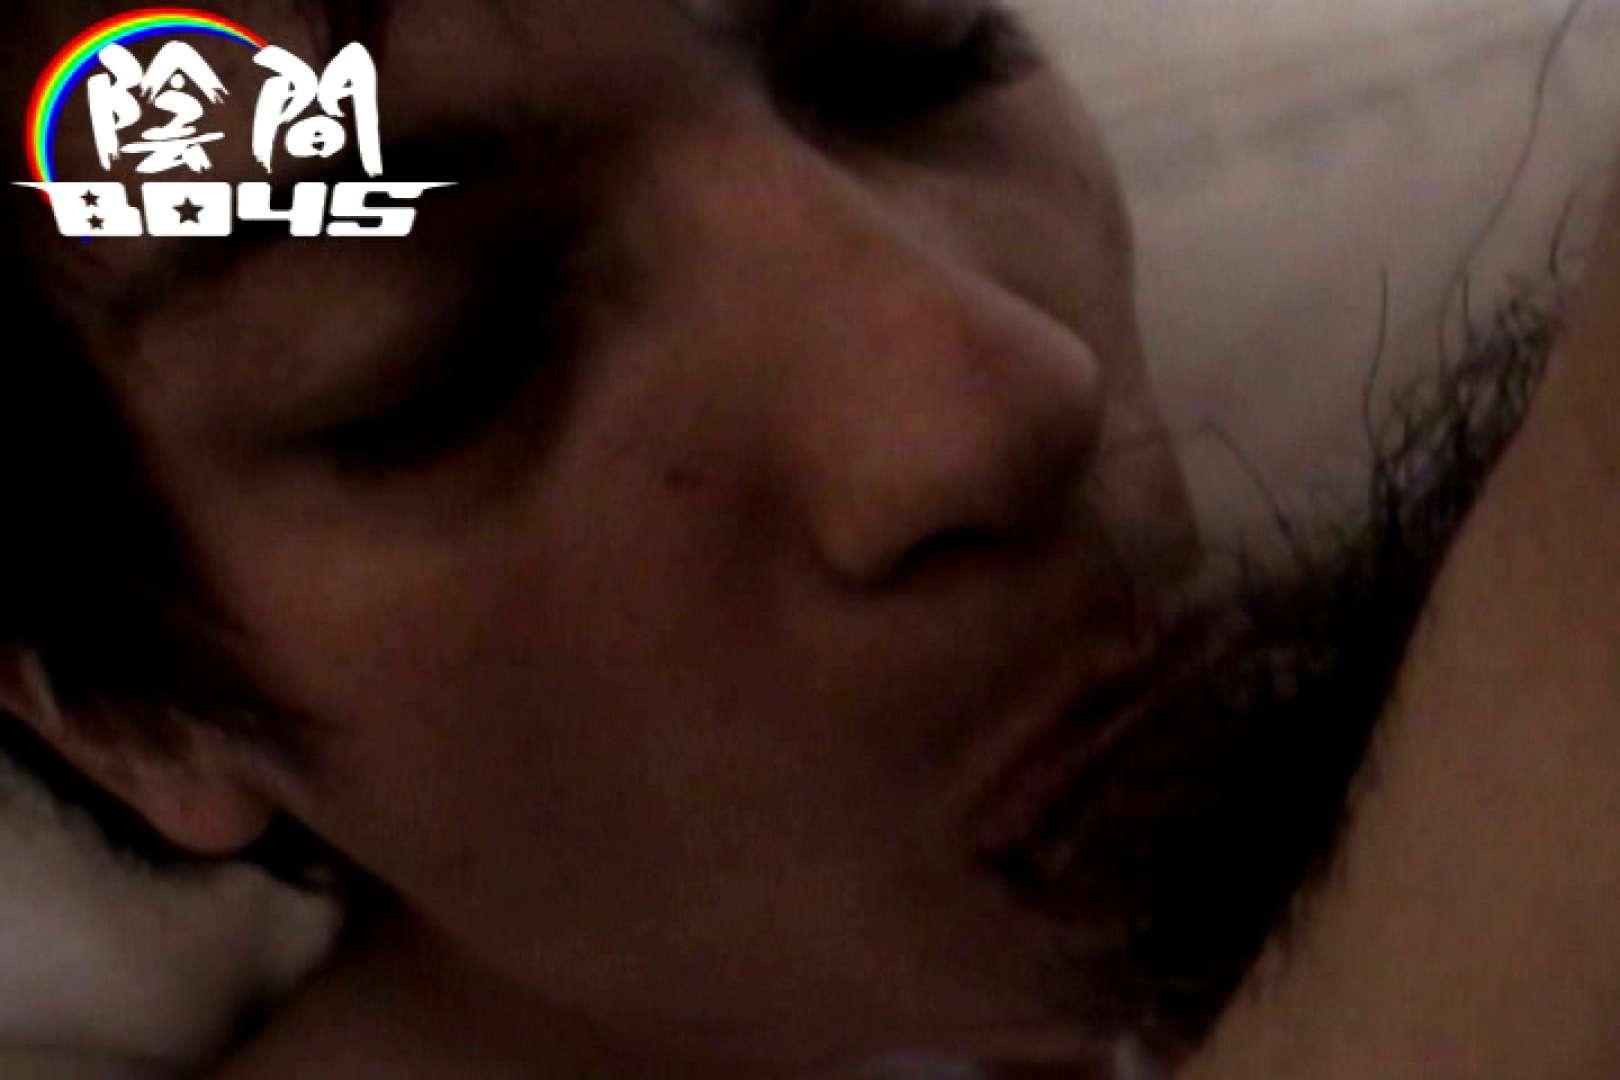 陰間BOYS~Mixed Hot-Guy~03 イケメンたち | ゲイのオナニー映像  100枚 5